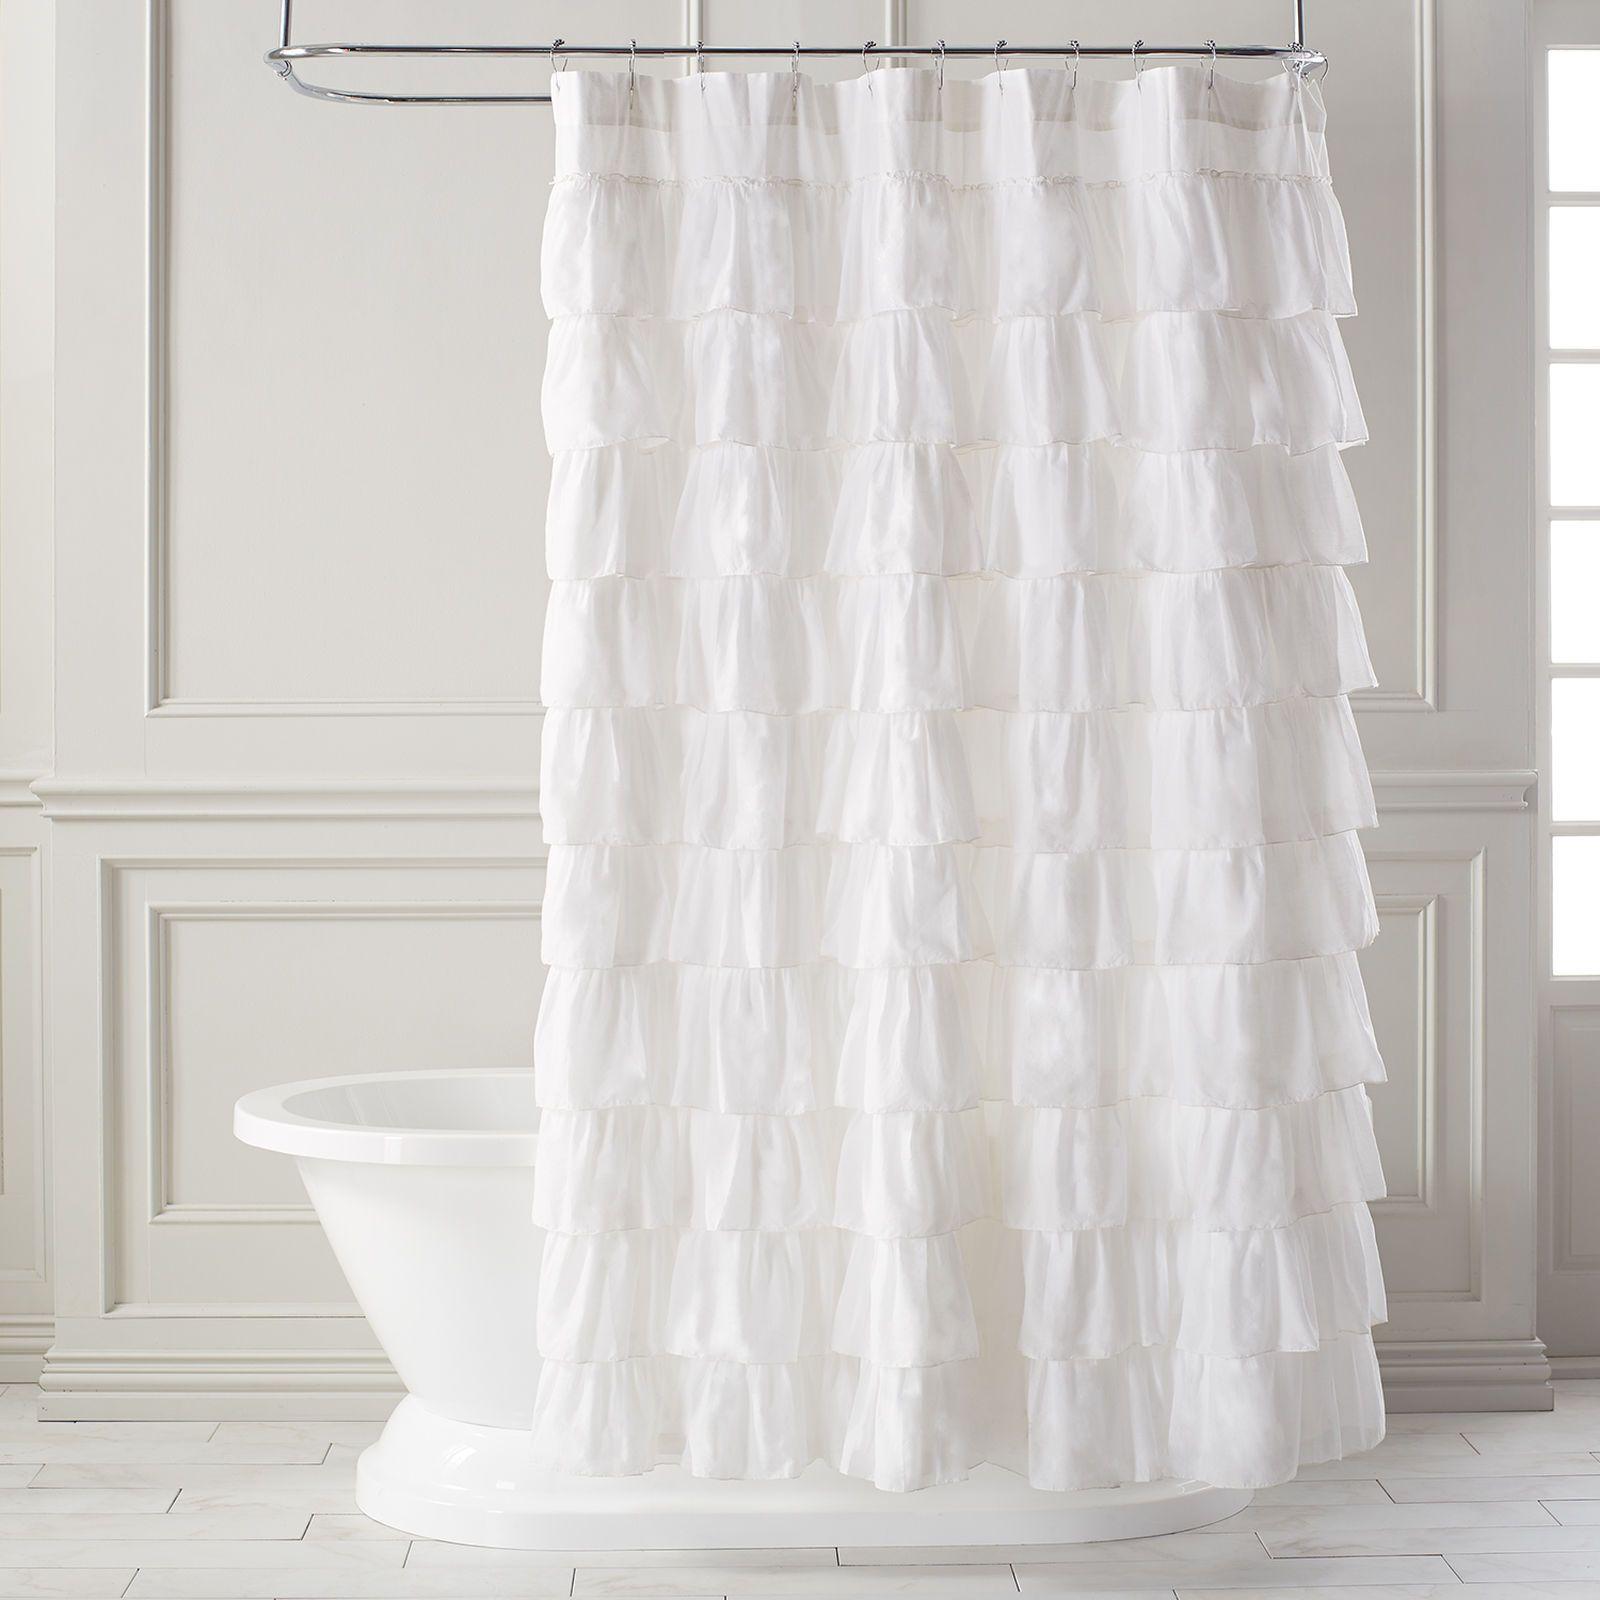 Ruffled White Shower Curtain  Bathroom  White ruffle